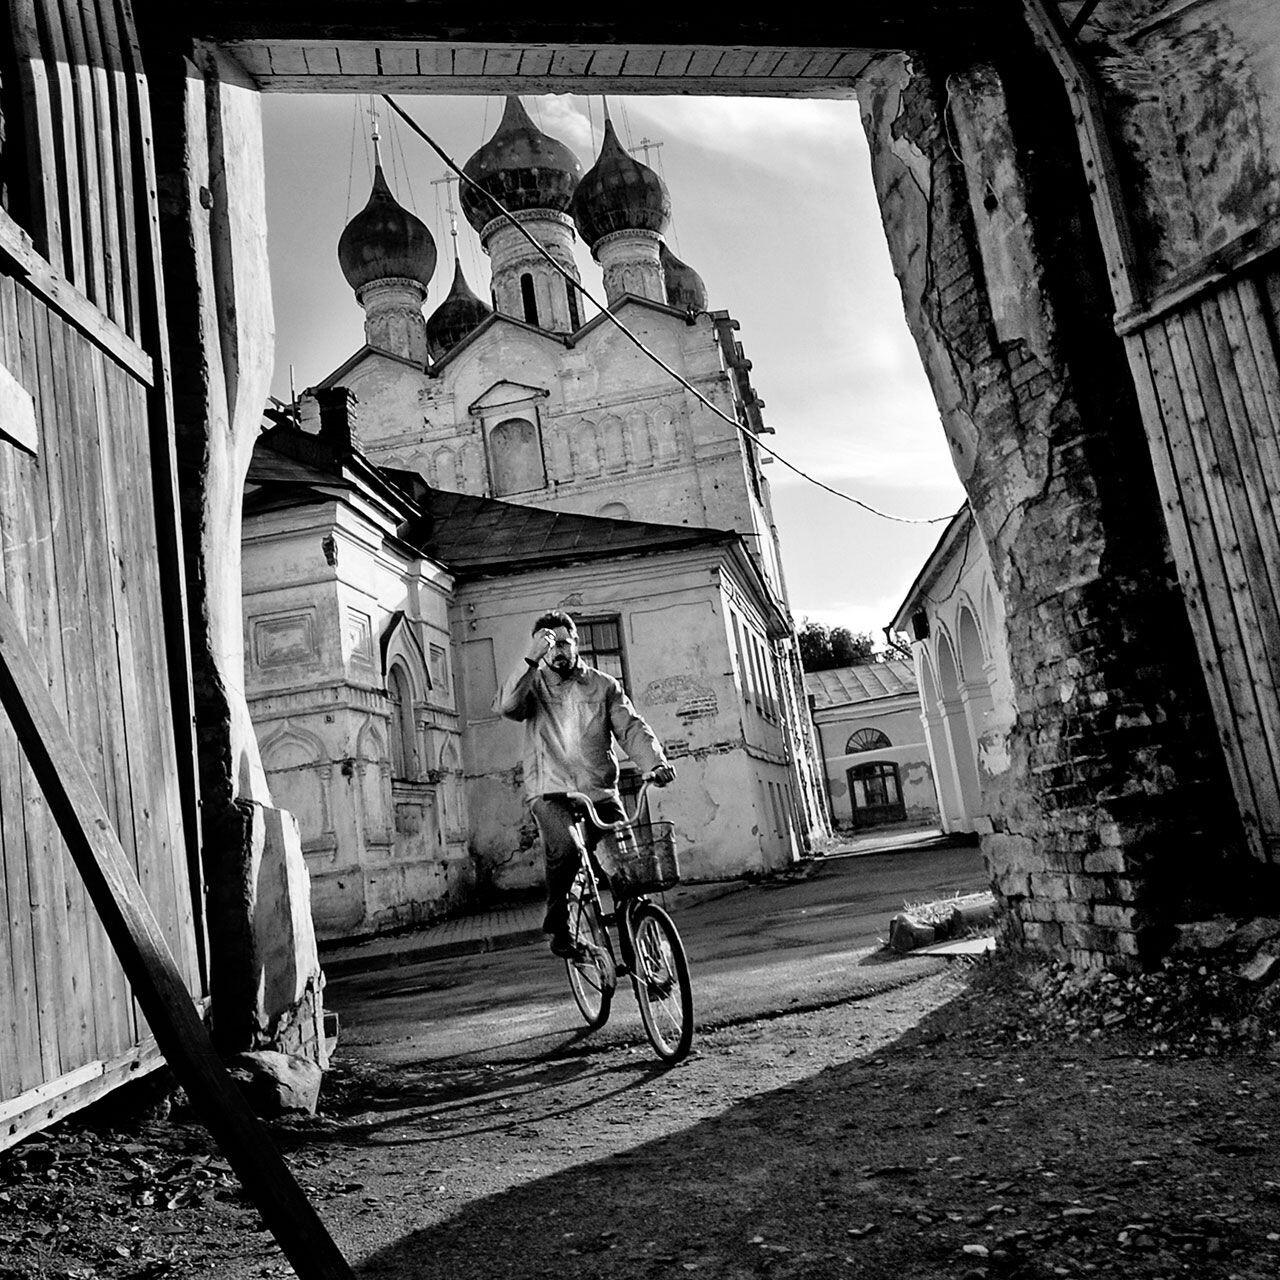 Ростов, Ярославская область, 2007. Фотограф Борис Назаренко